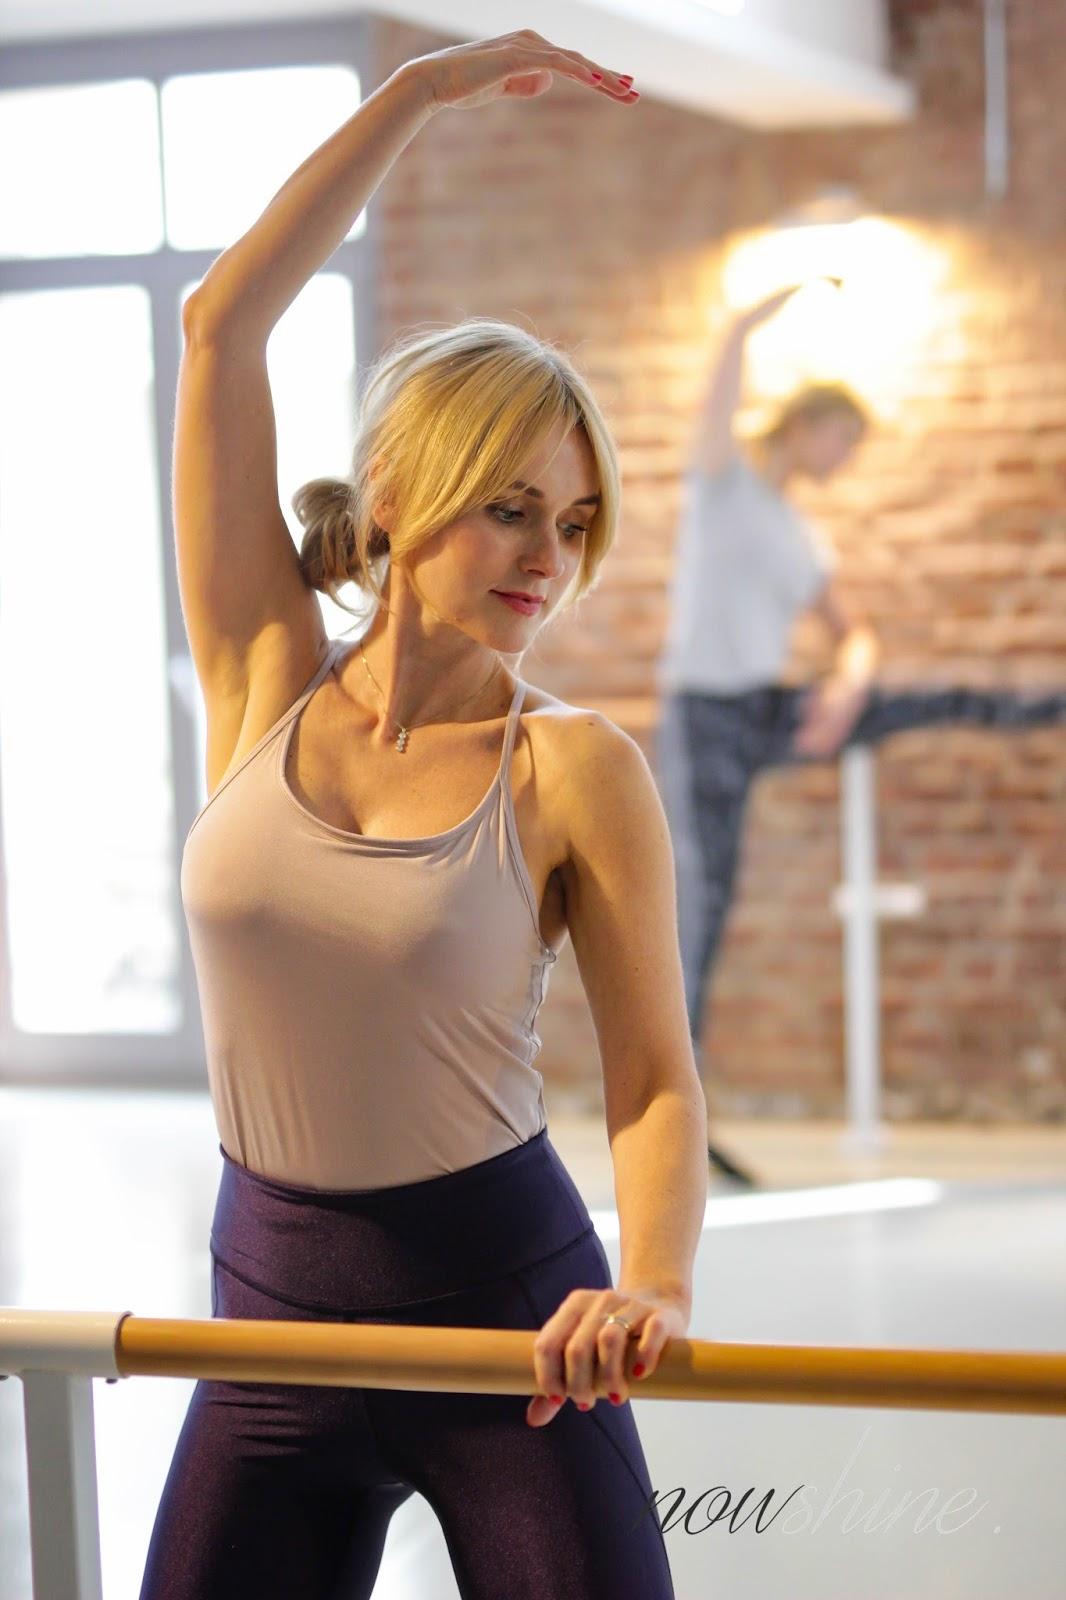 Barre Workout - Fitness - Sportroutine - Ballett Workout - Studio Düsseldorf - Isotonische Getränke nach dem Sport - Frau an Ballettstange